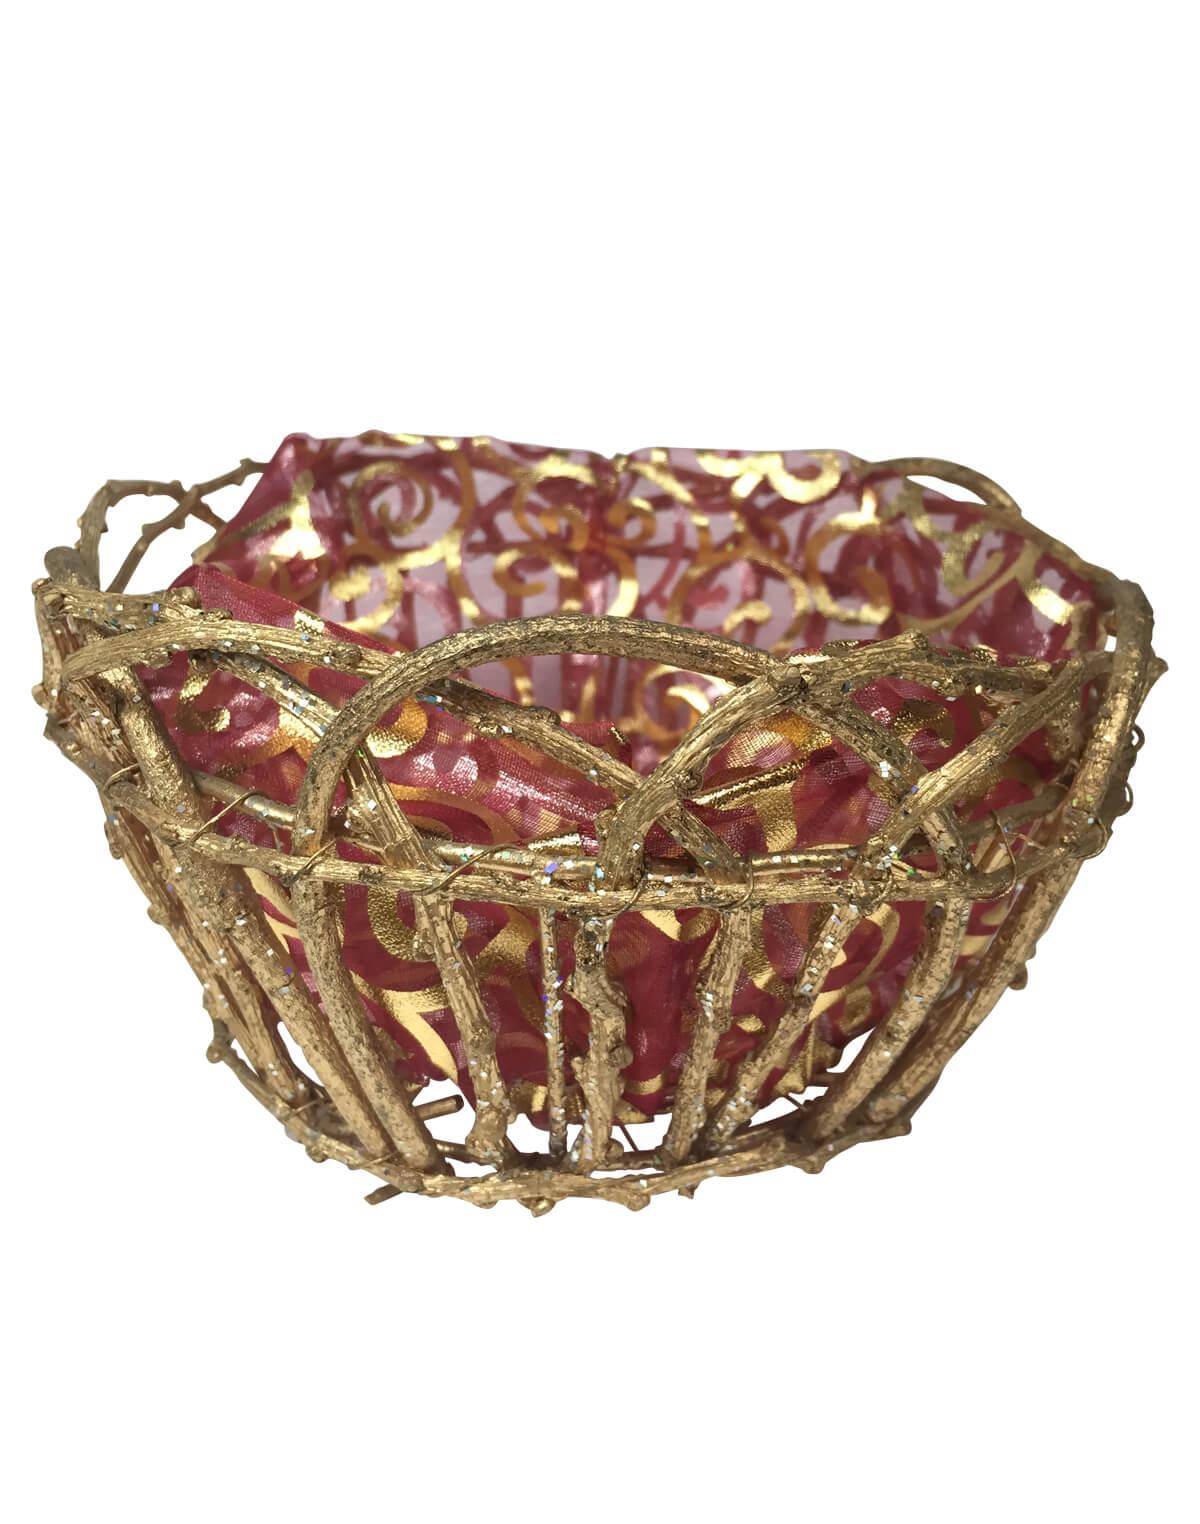 плетеная корзинка купить в минске